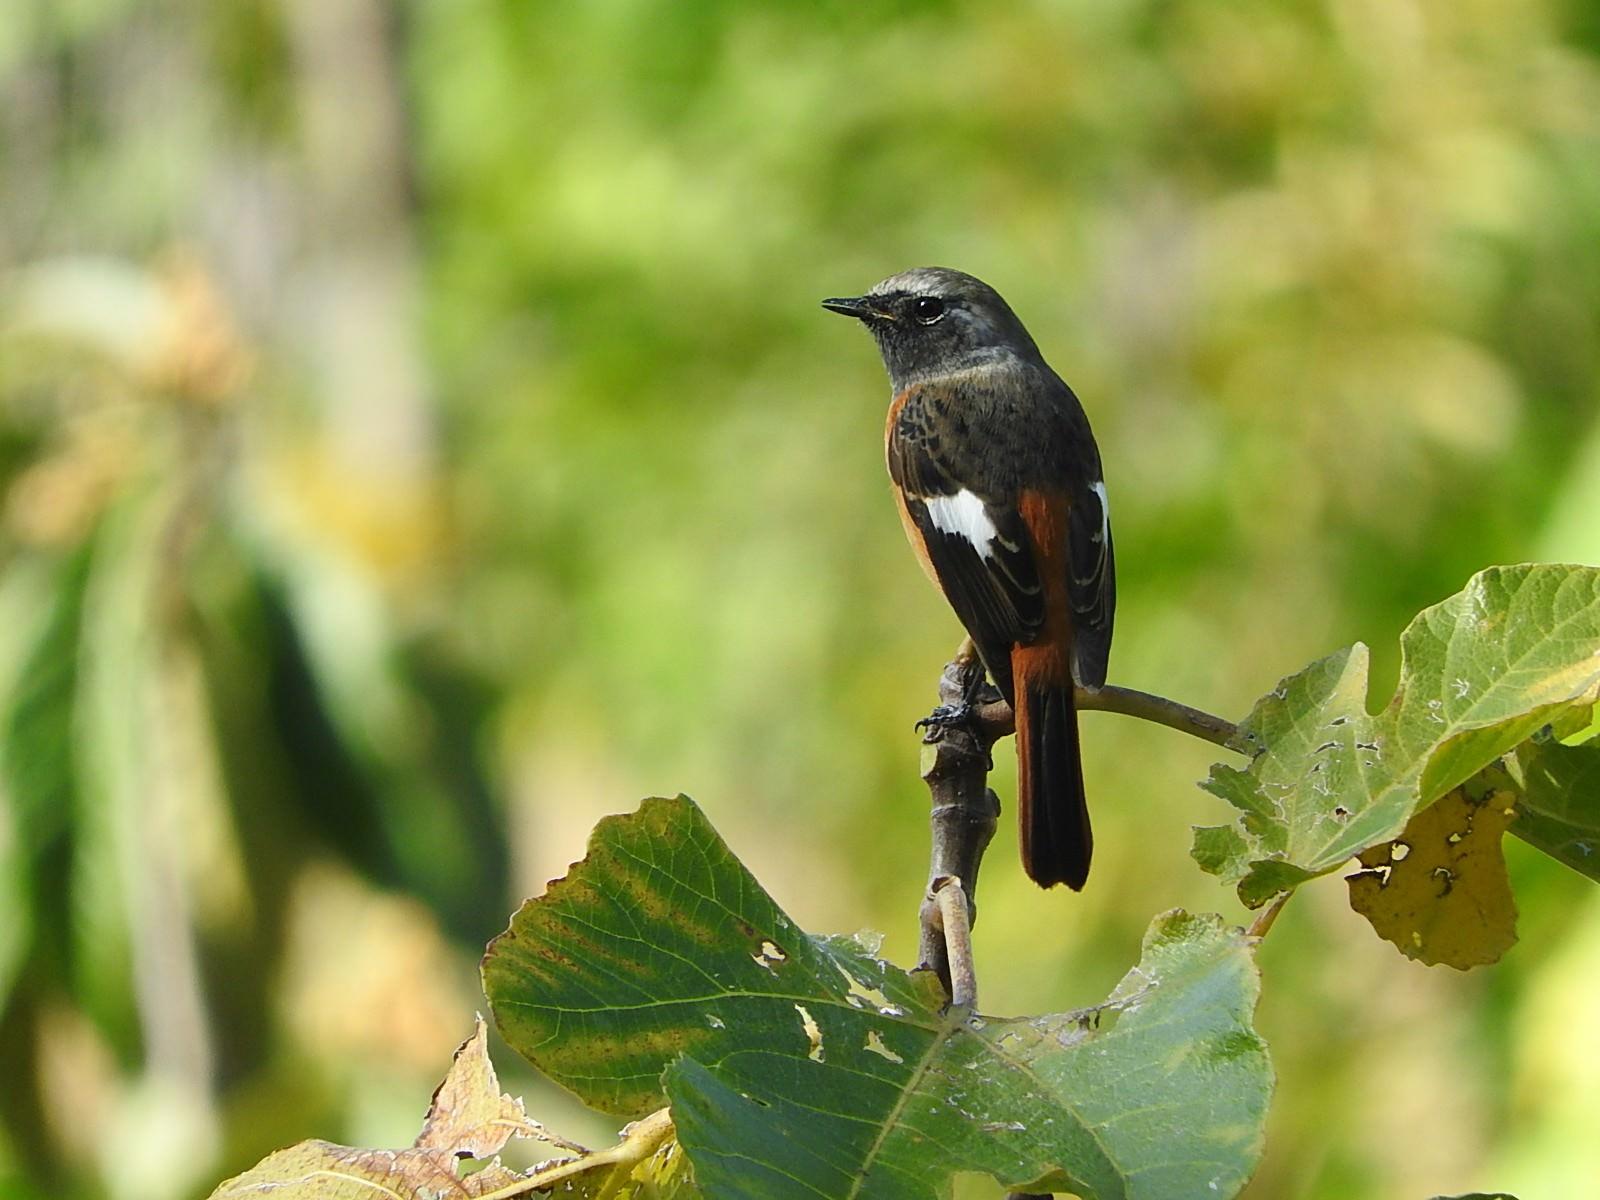 「ジョウビタキのオス(野鳥)」の写真